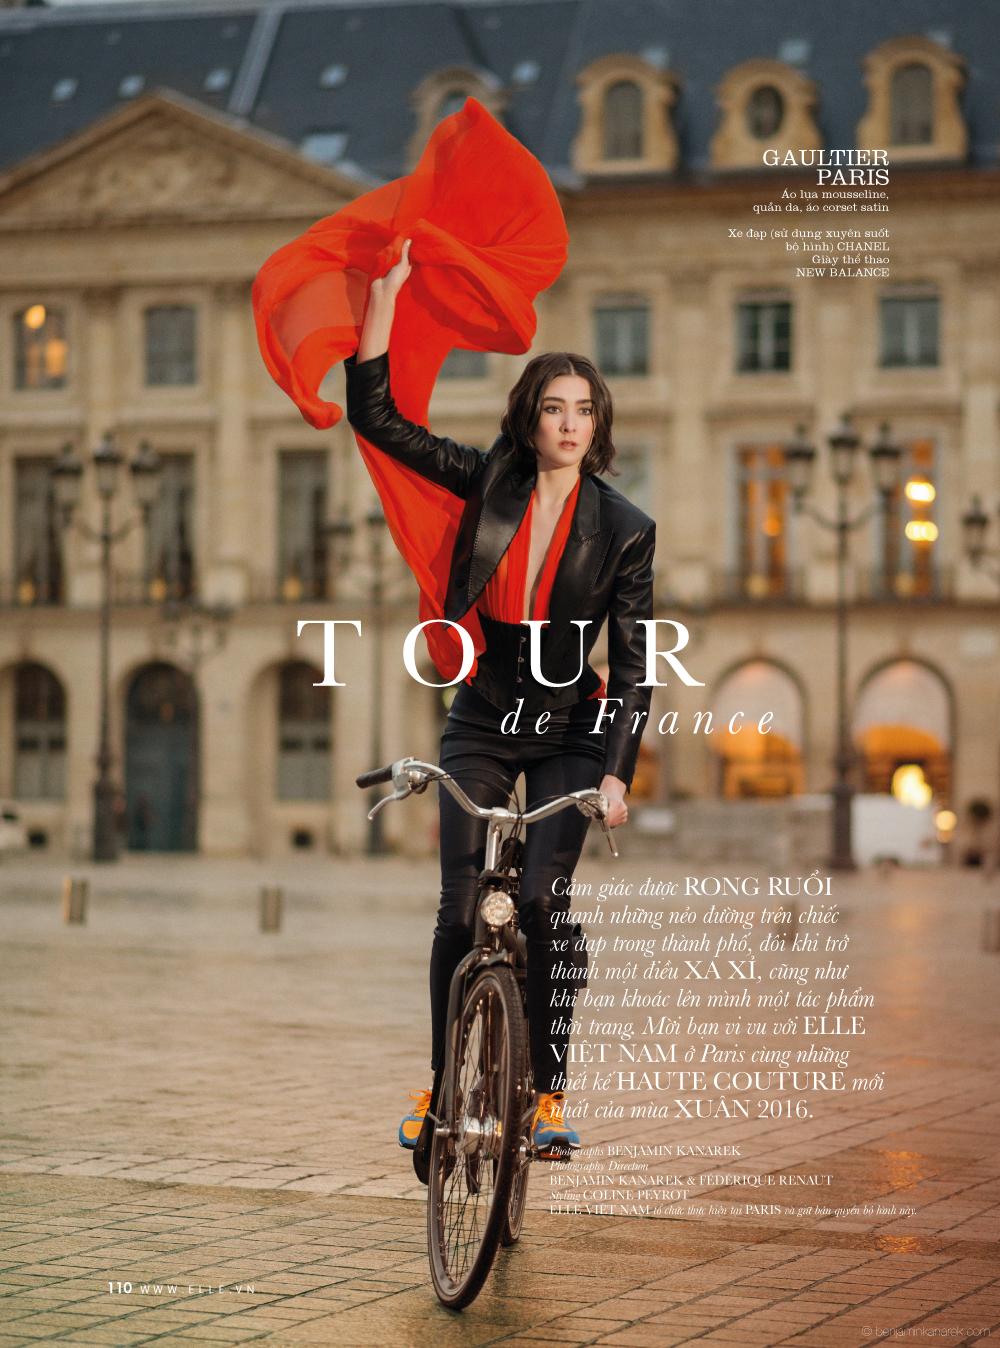 Mar Gonzalez in Gaultier Paris © Benjamin Kanarek